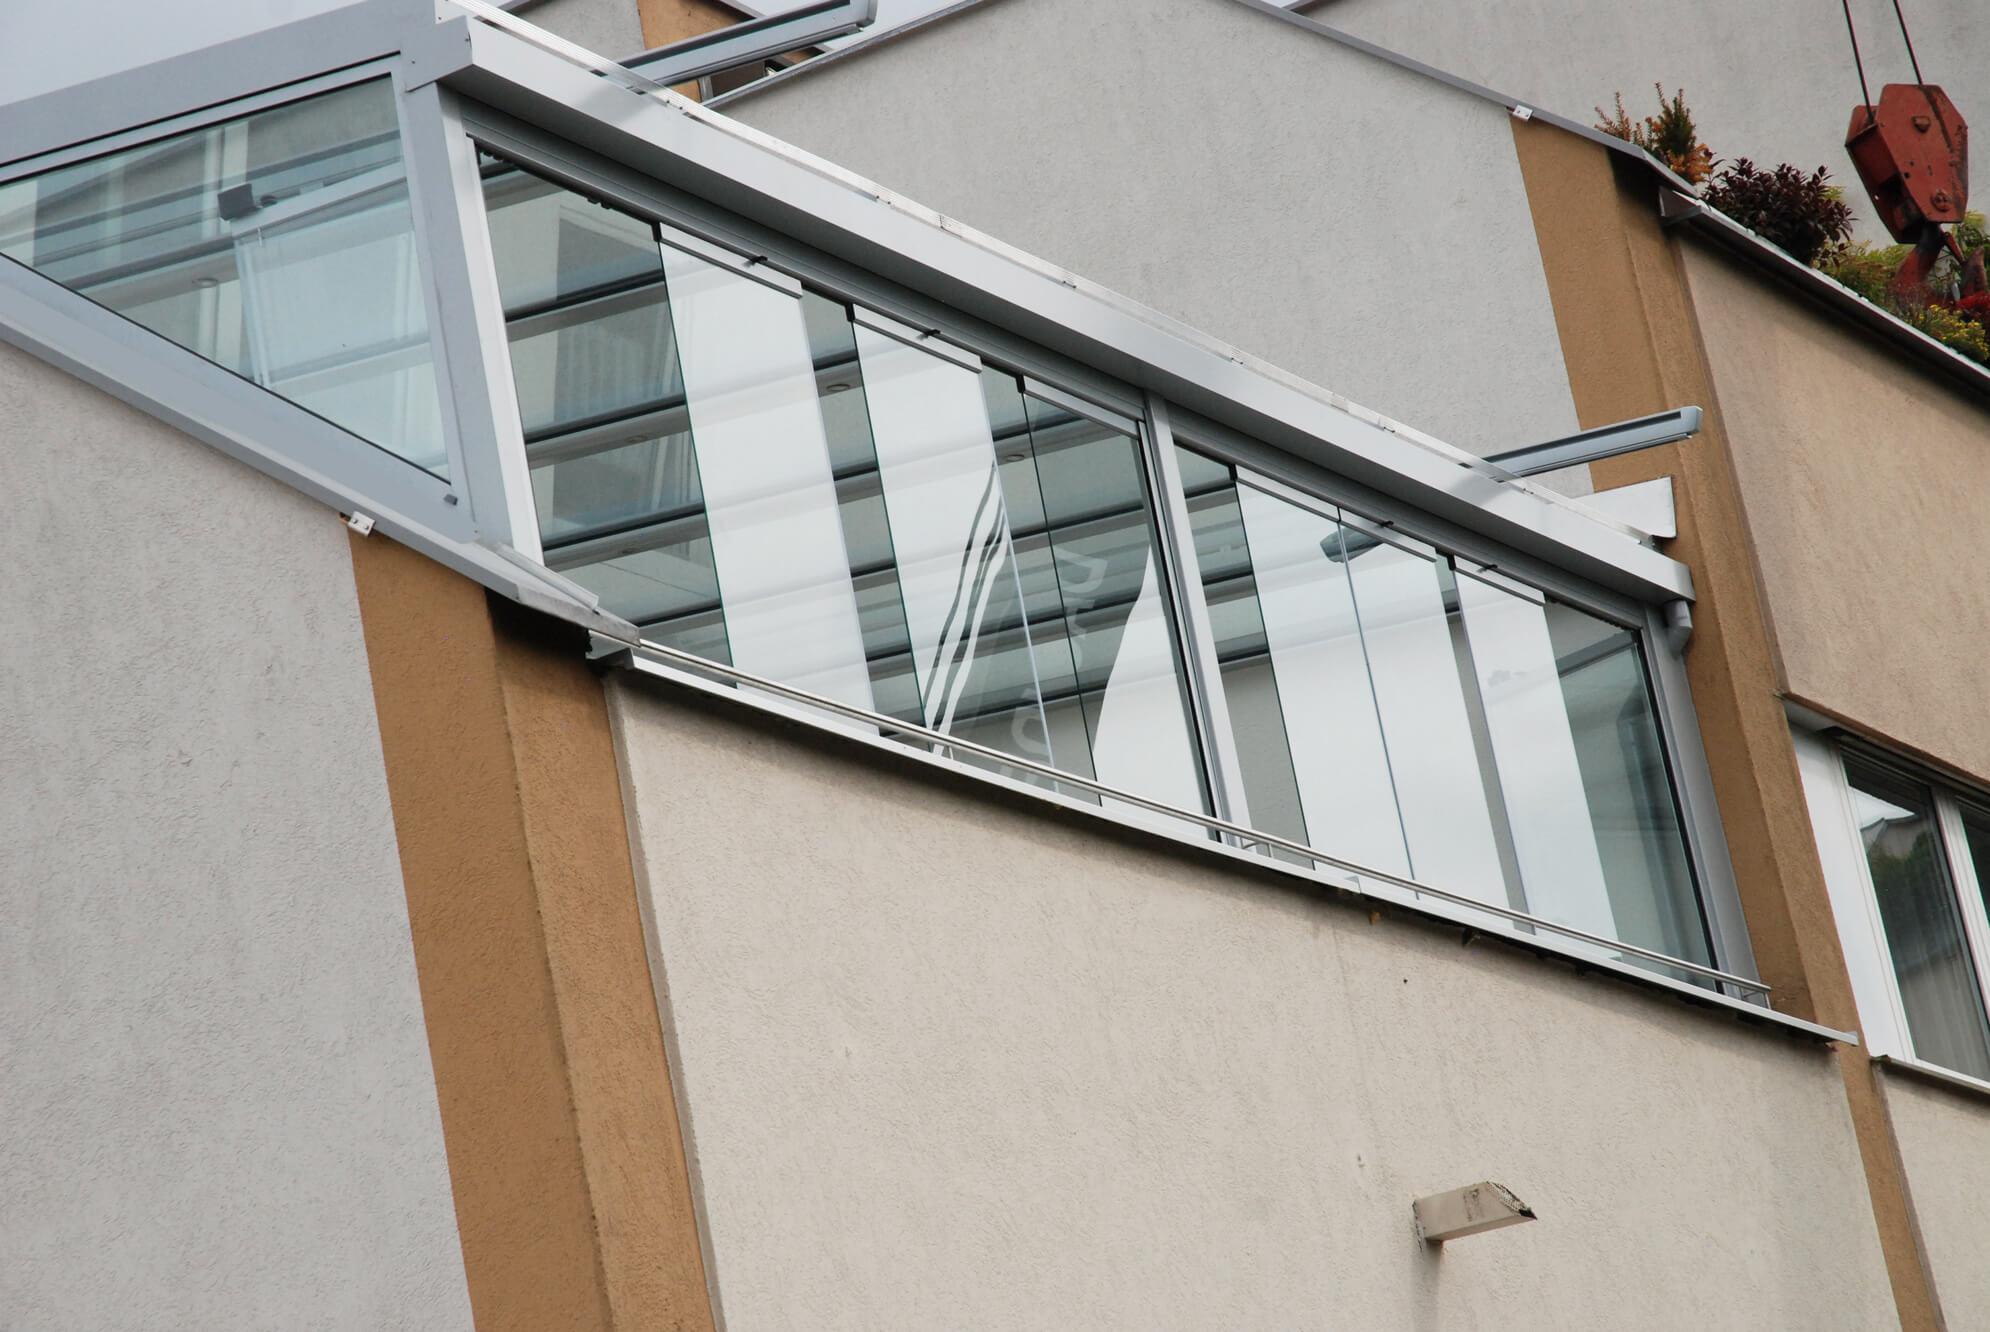 Wintergarten Schiebe-Falt-Elemente ohne Rahmen